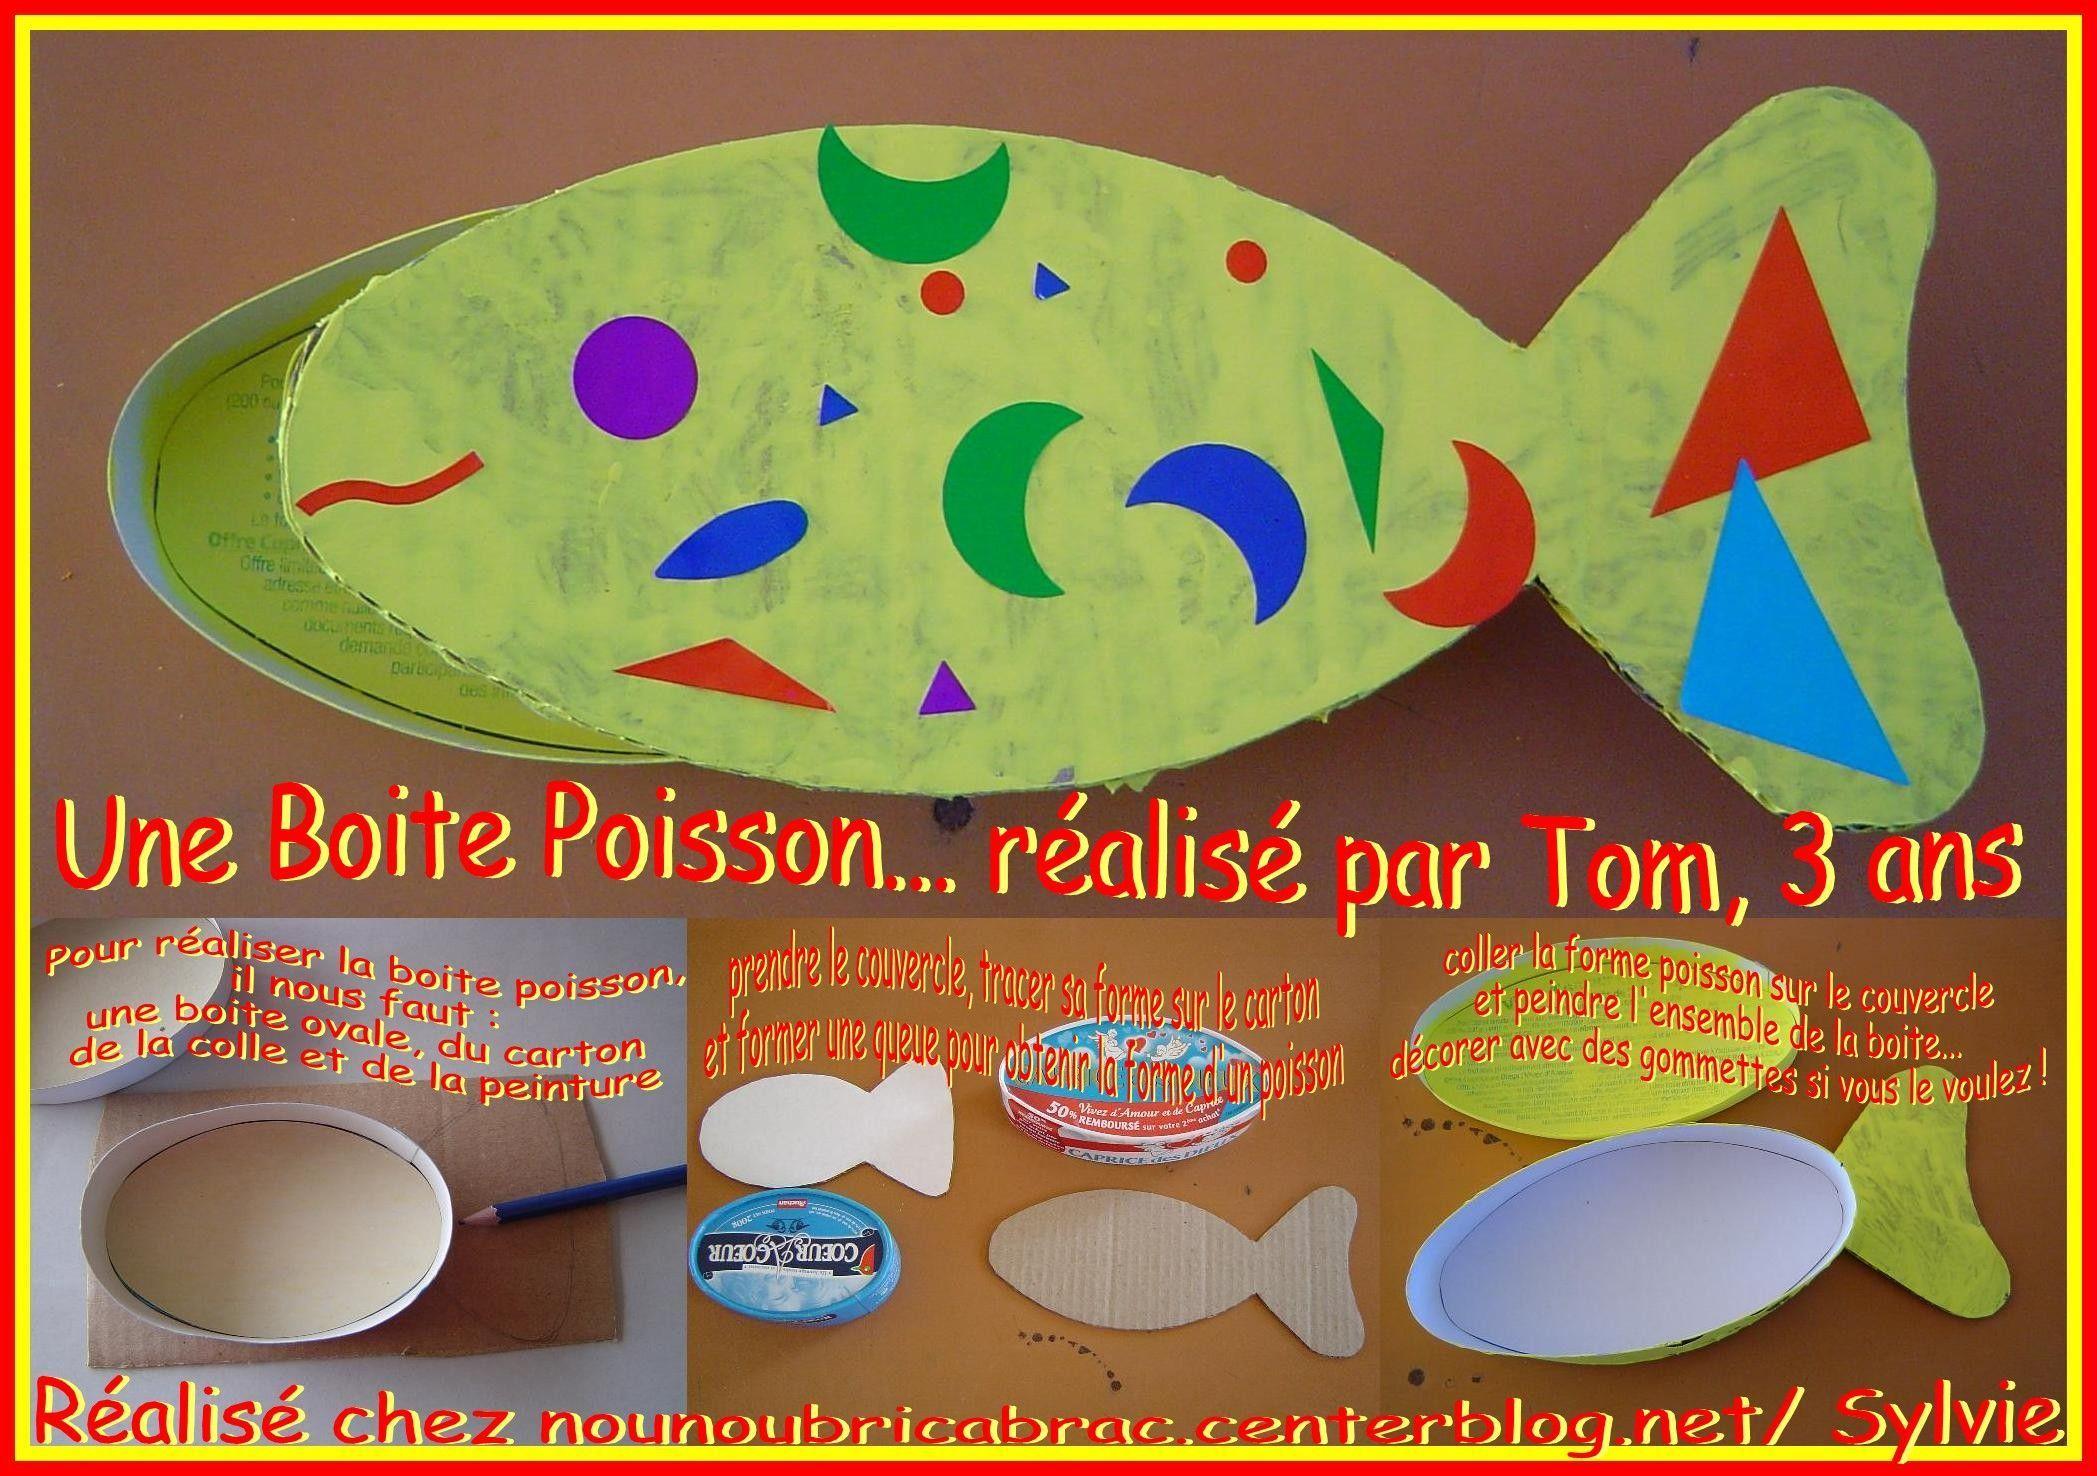 Boite Poisson... très simple à réaliser !!!